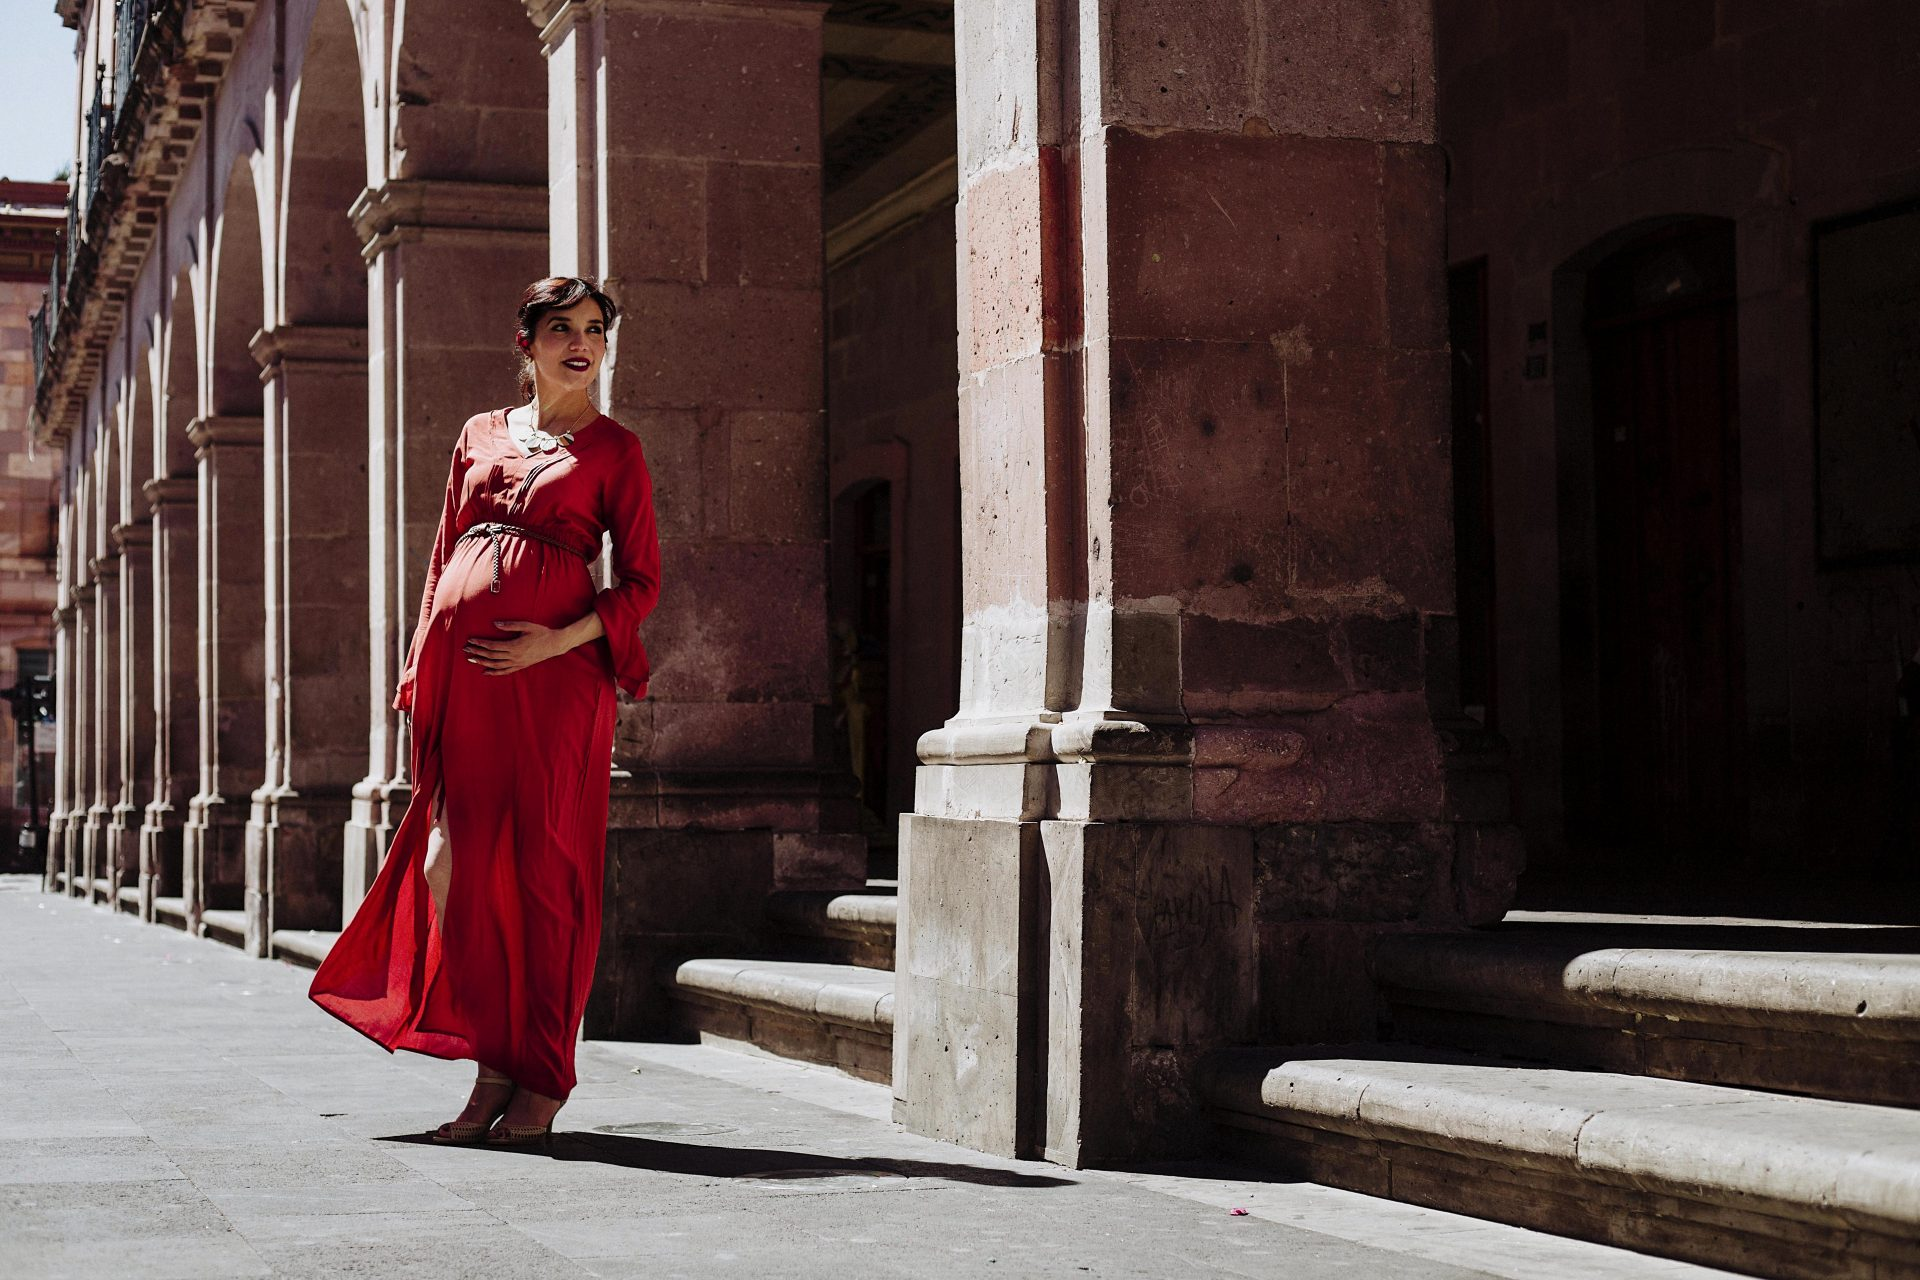 fotógrafo_profesional_bodas_zacatecas_mexico_casual_xv_embarazo-12